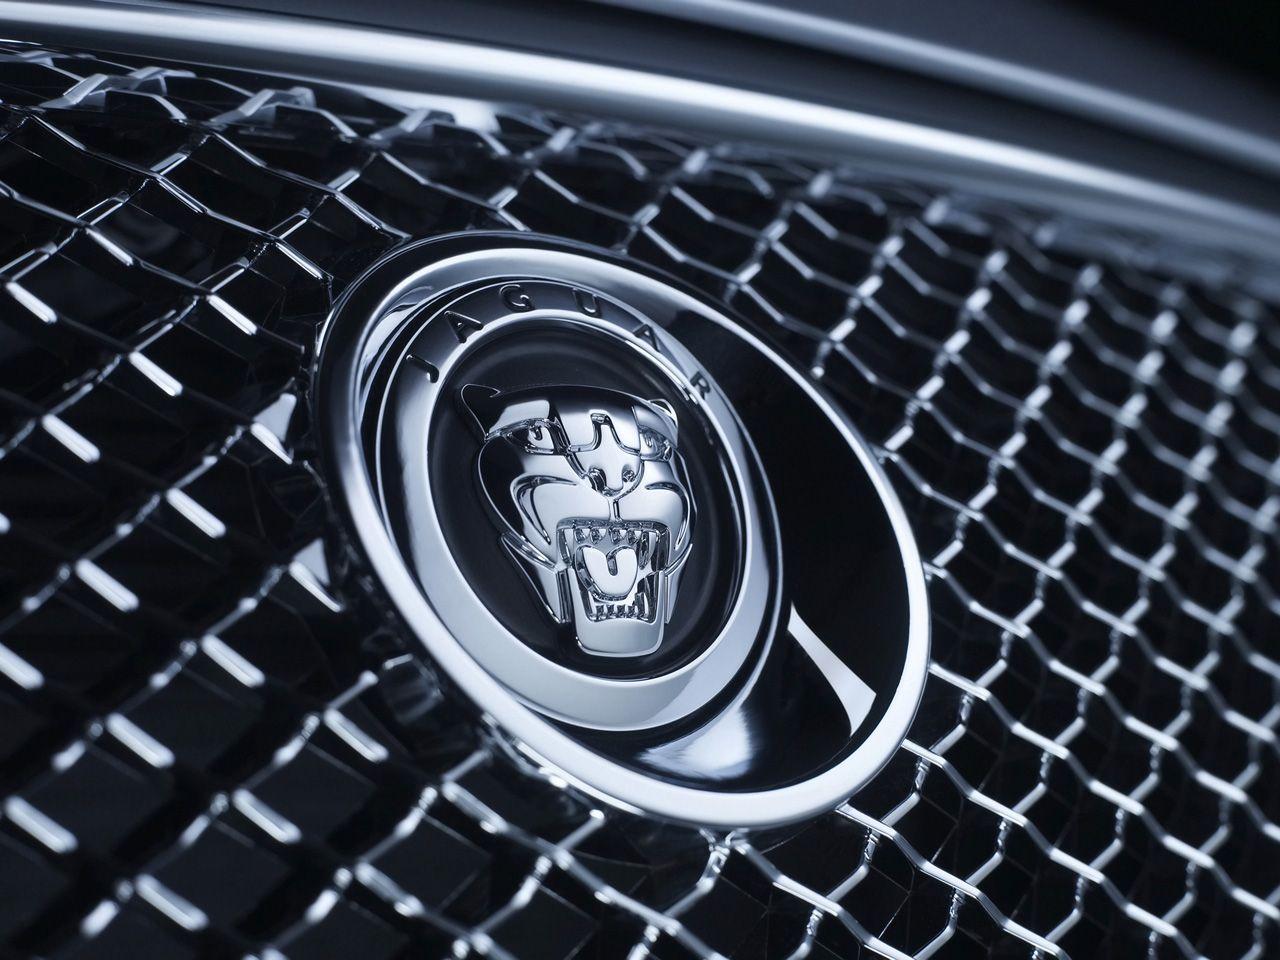 New Jag I Still Love Black Jaguar Car Jaguar Wallpaper Jaguar Emblem